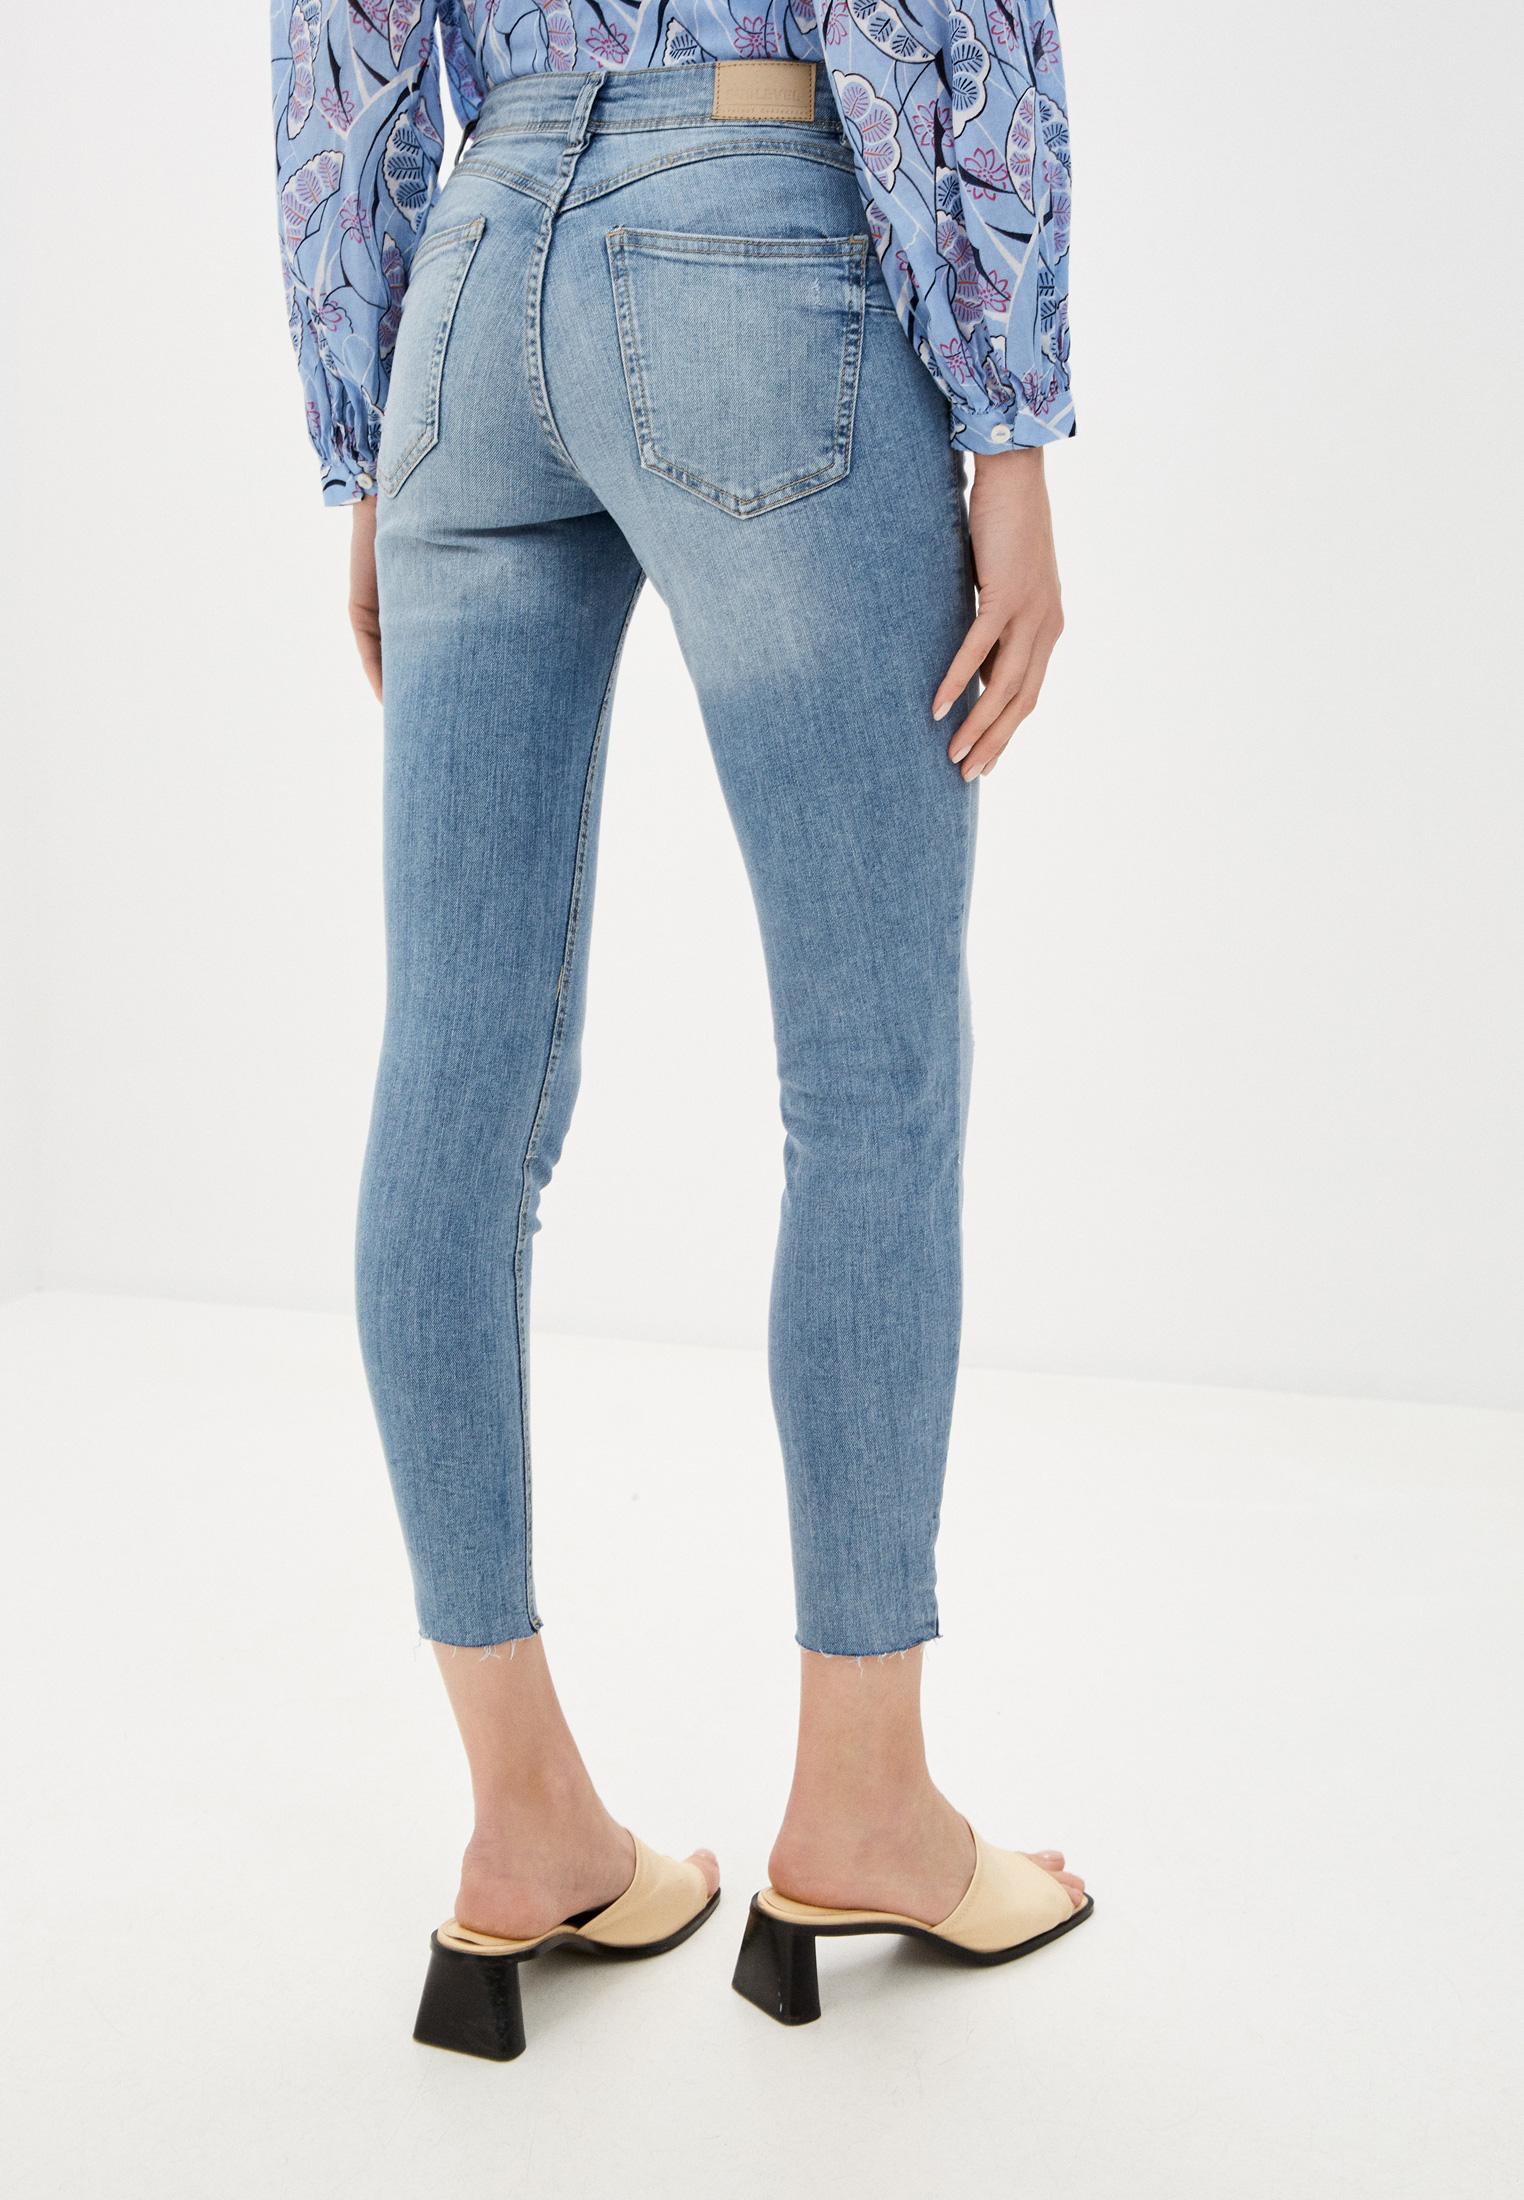 Зауженные джинсы Sublevel D85790L61814L104: изображение 3